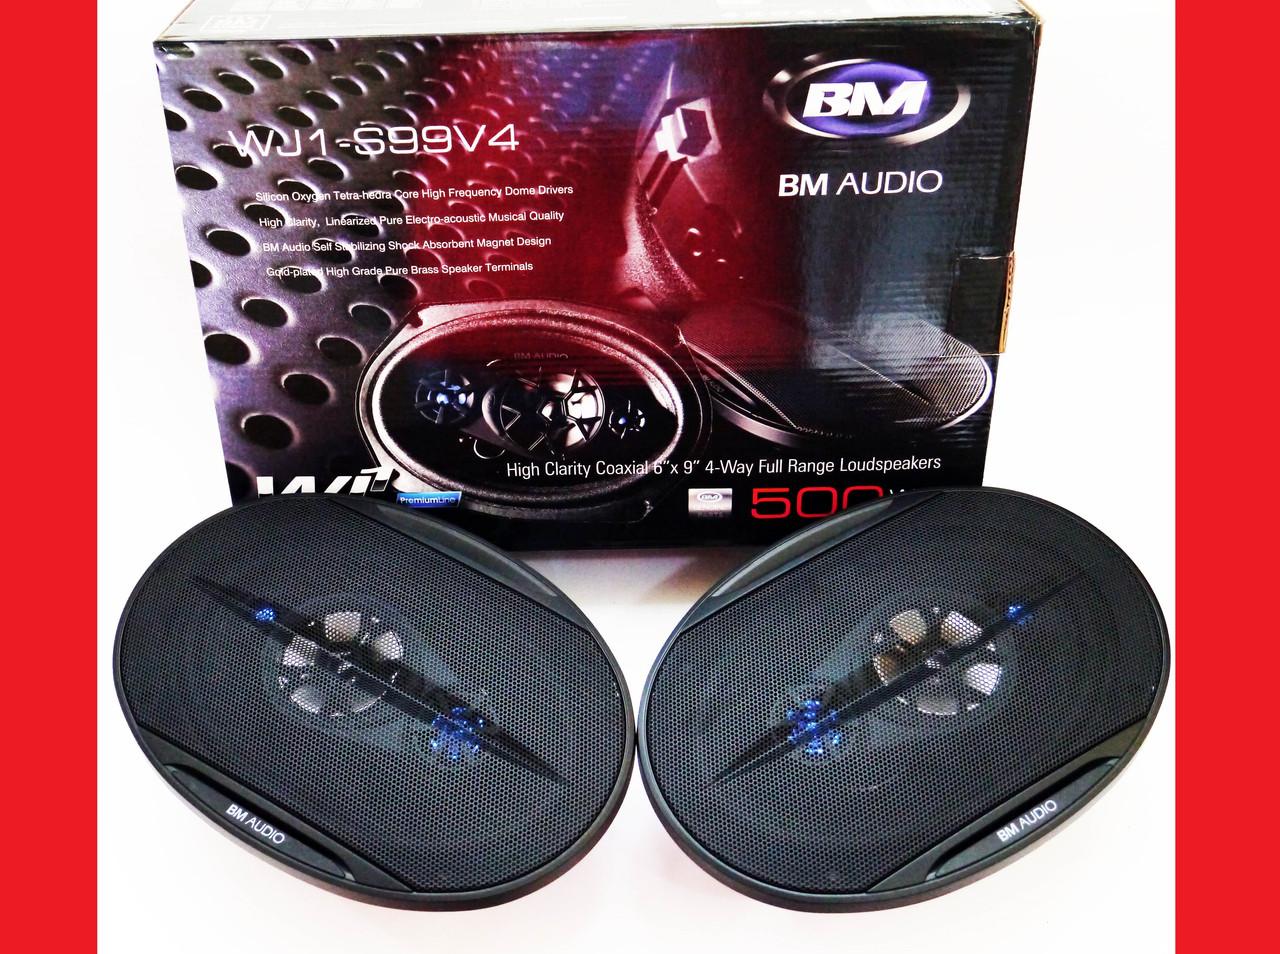 Автомобільна акустика BOSCHMANN BM AUDIO WJ1-S99V4 6x9 500W 4х смугова